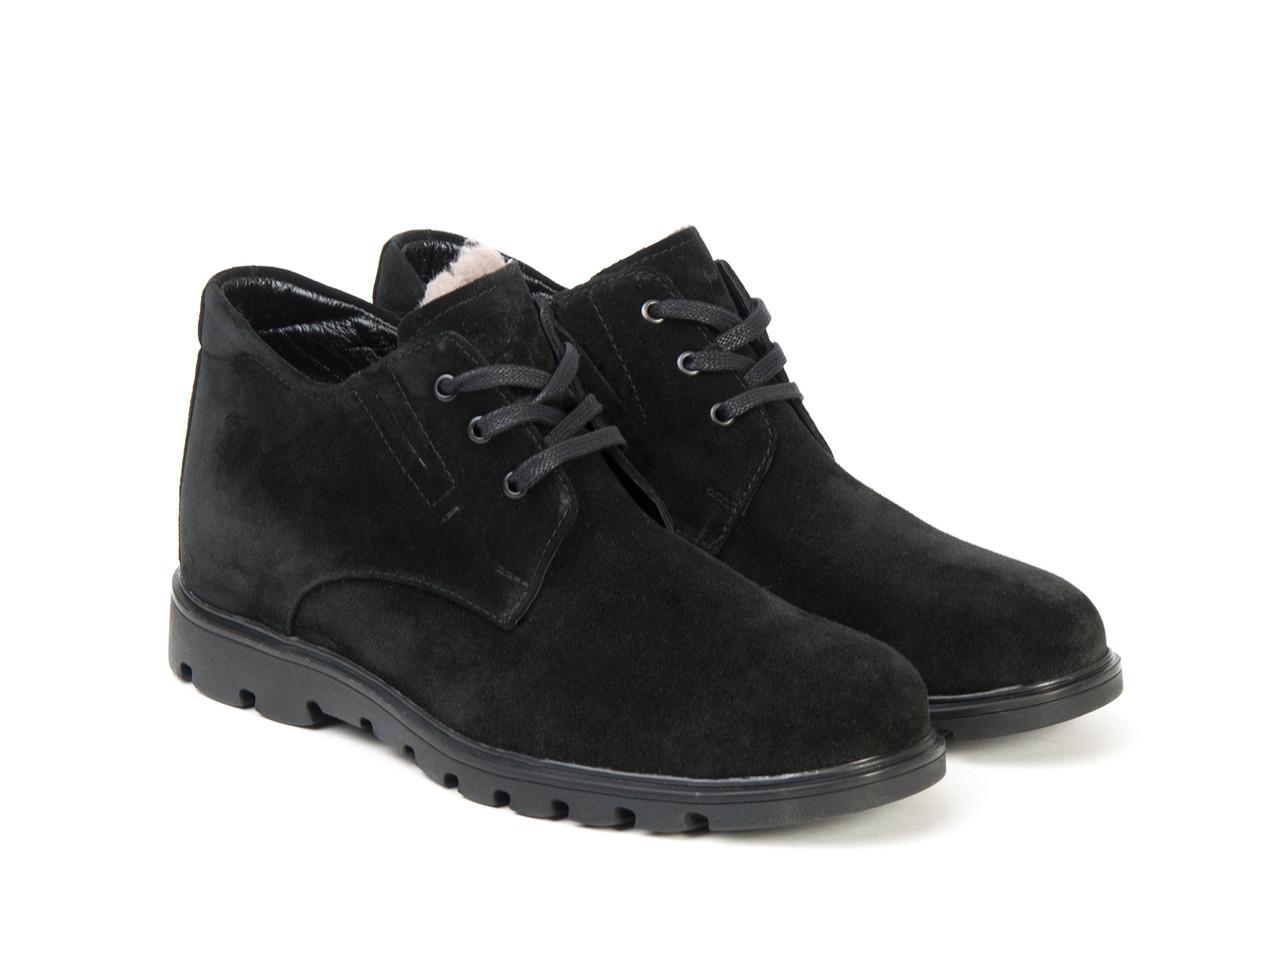 Ботинки Etor 11863-07131 43 черные